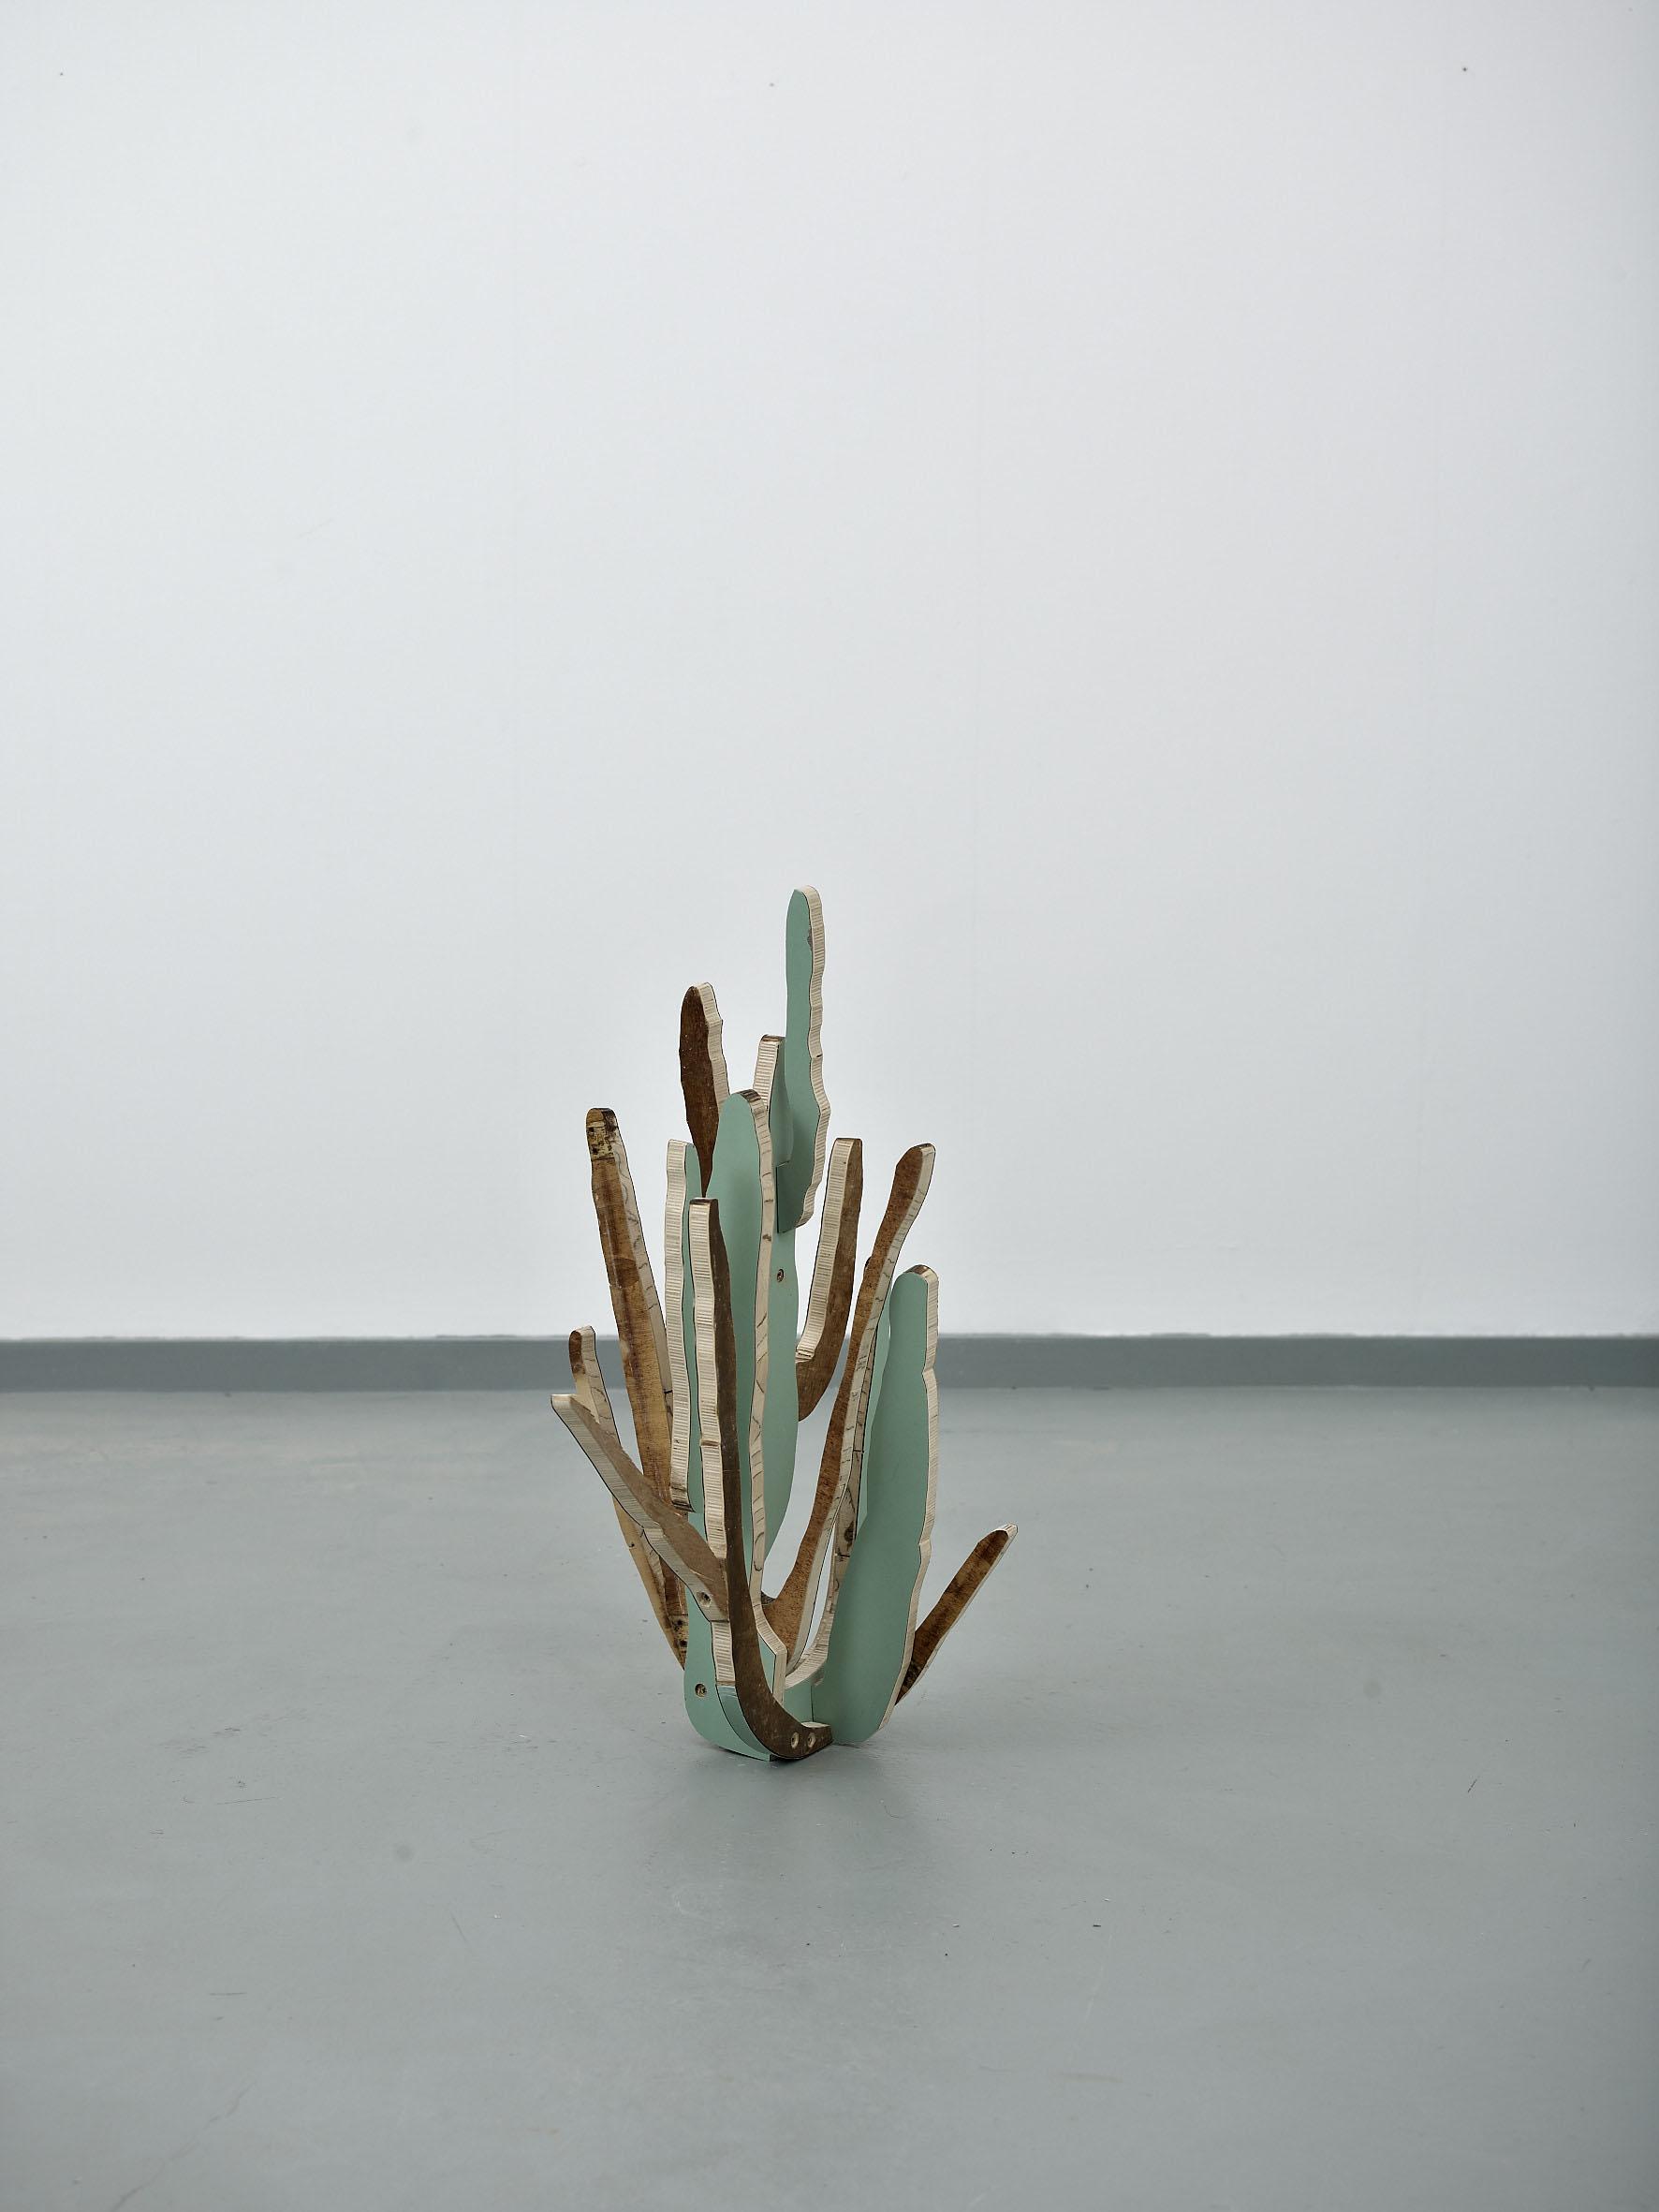 Cactus(OrganPipe)2014*